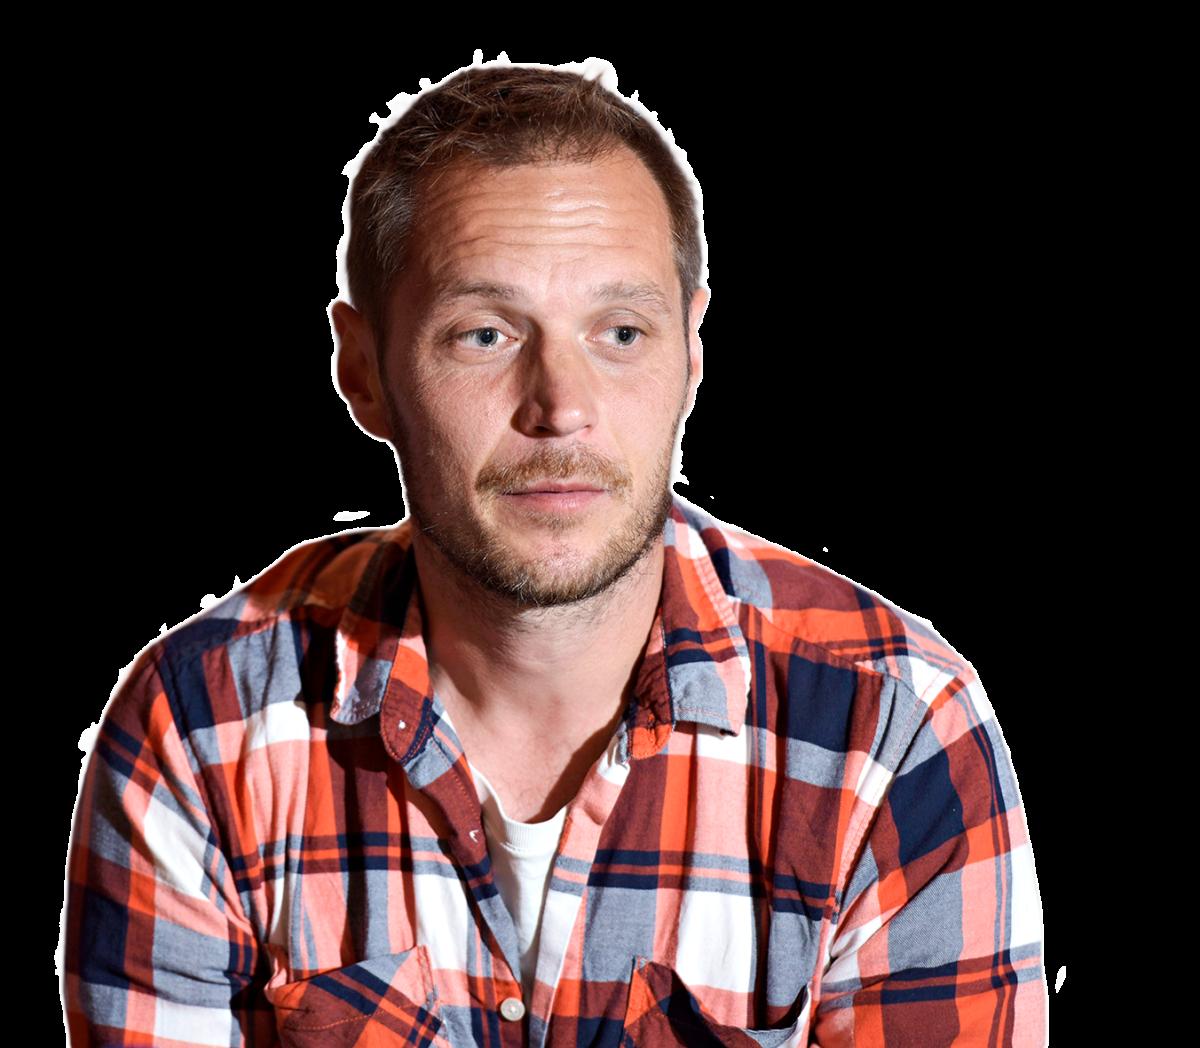 Aleksi Salmenperä on Suomen arvostetuimpia elokuvantekijöitä. Kuva Heikki Saukkomaa / LK